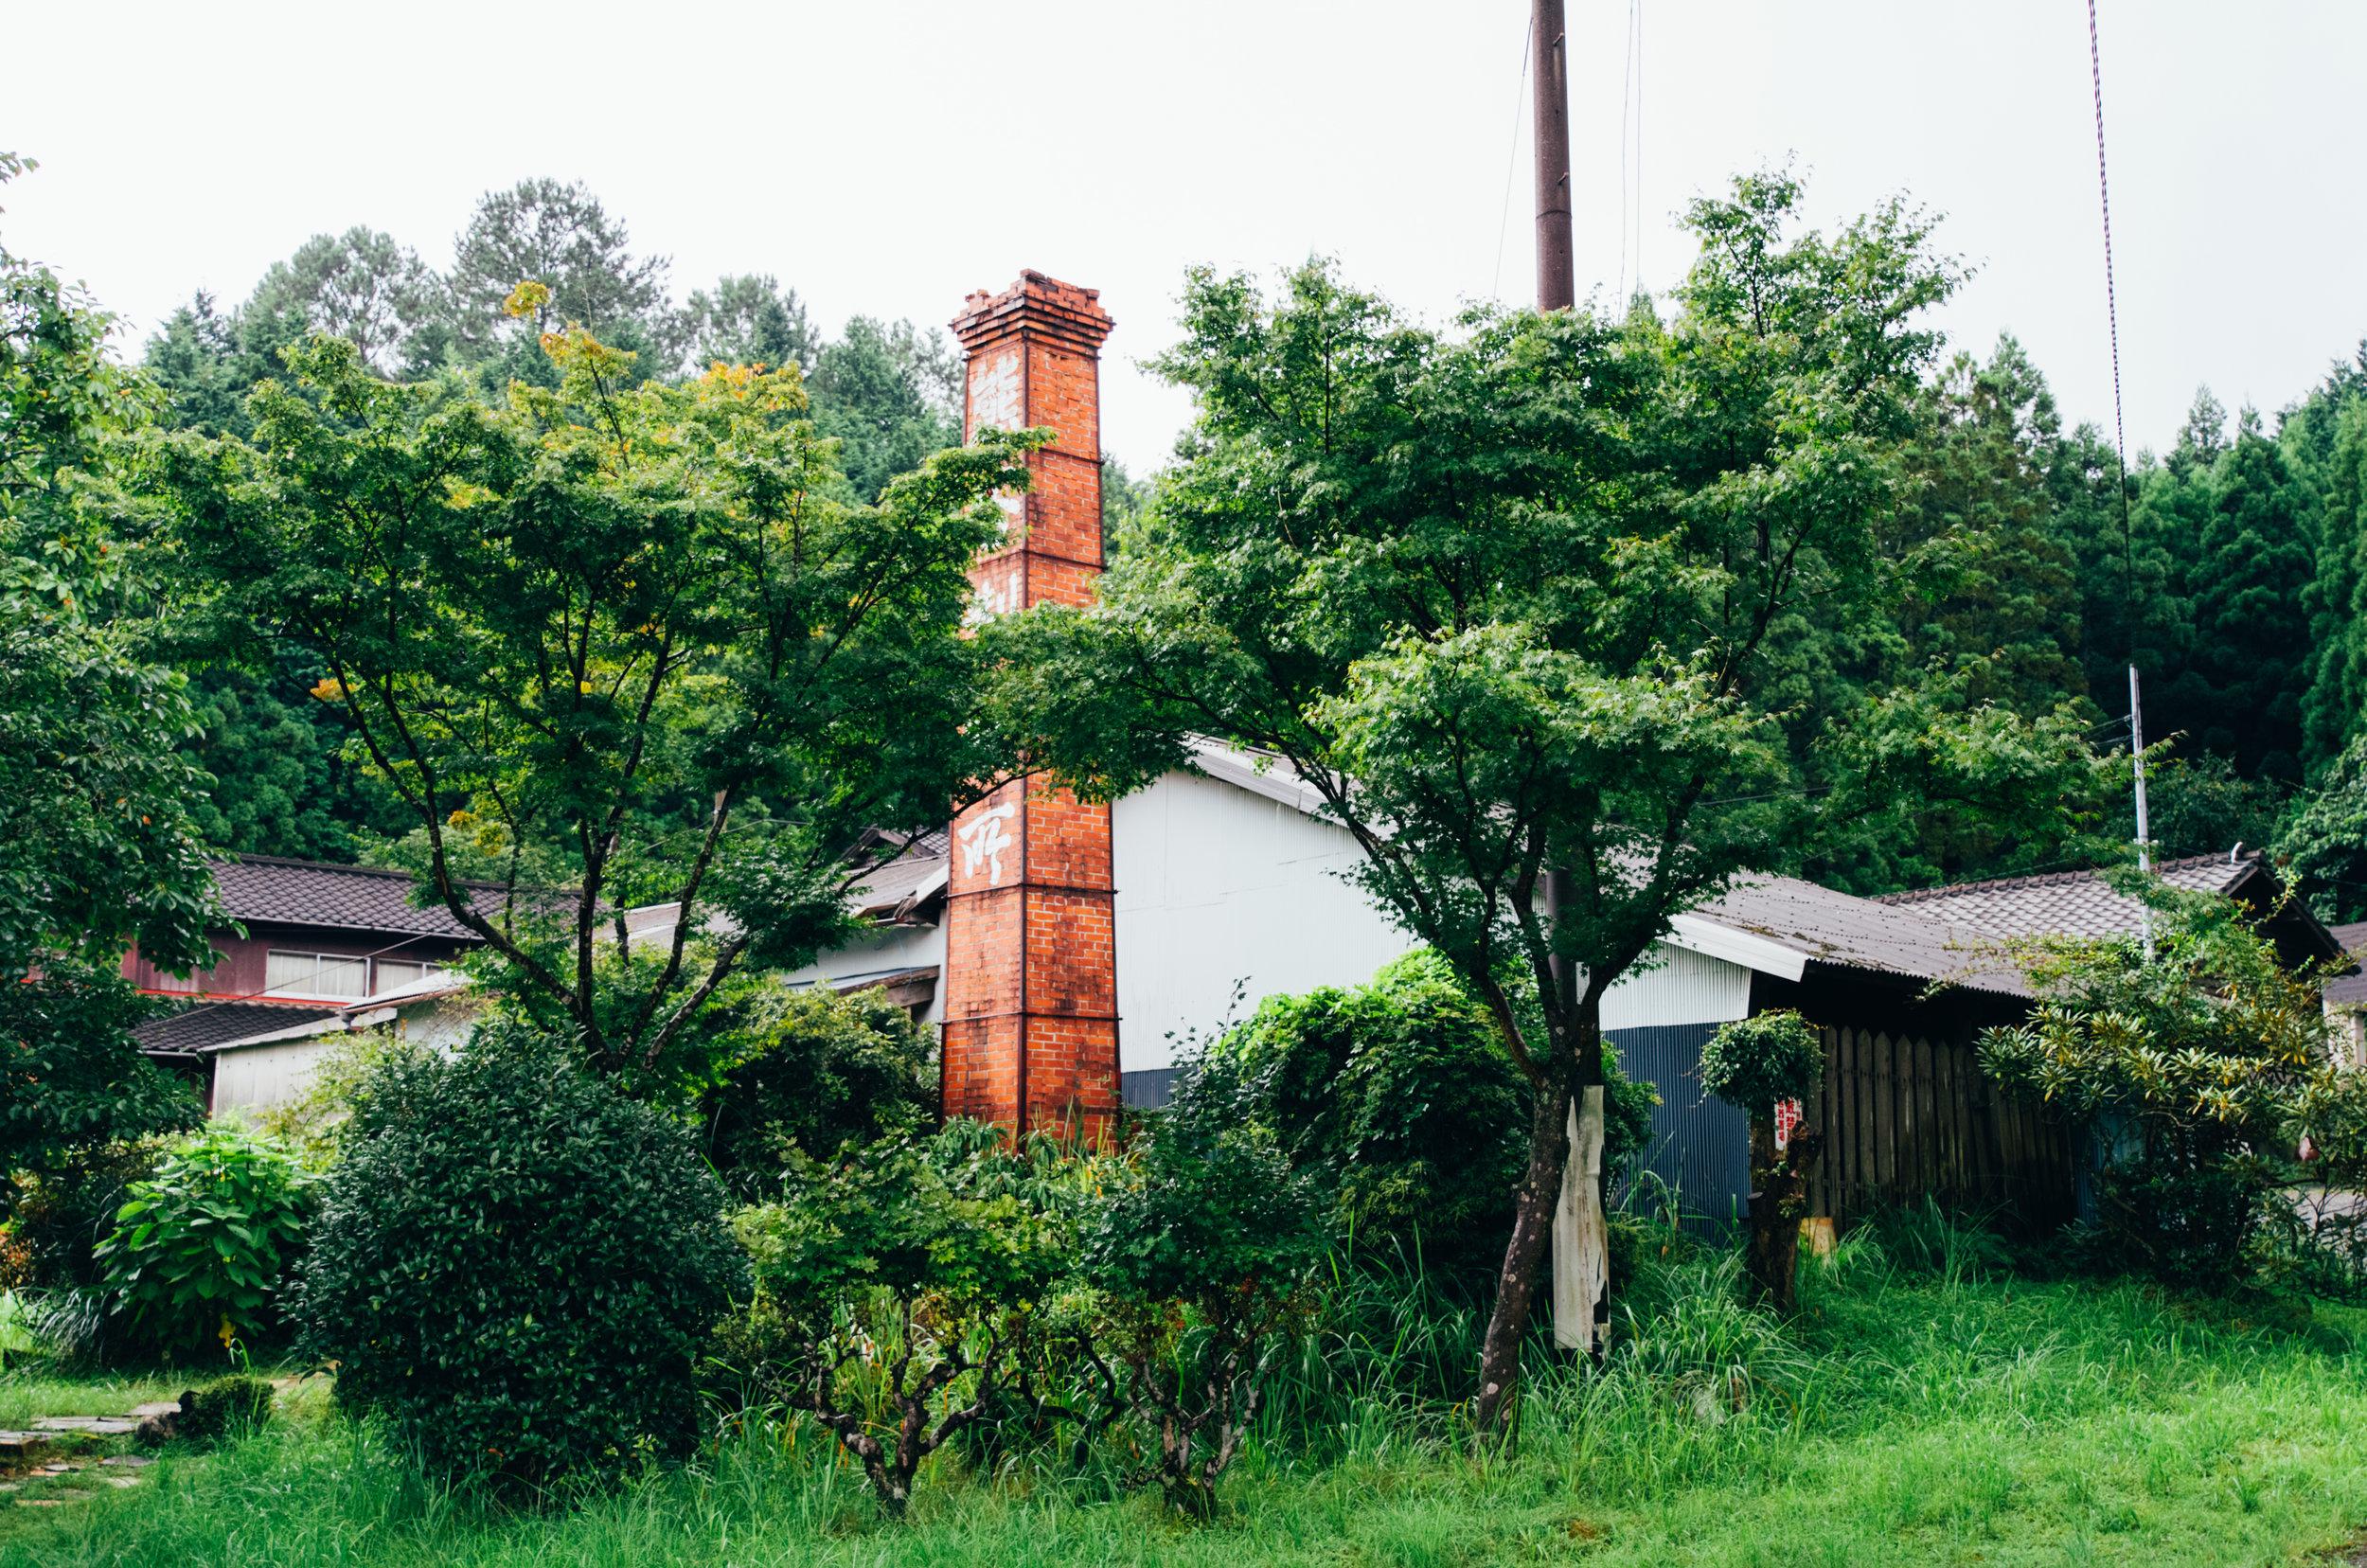 Koishiwara Kiln